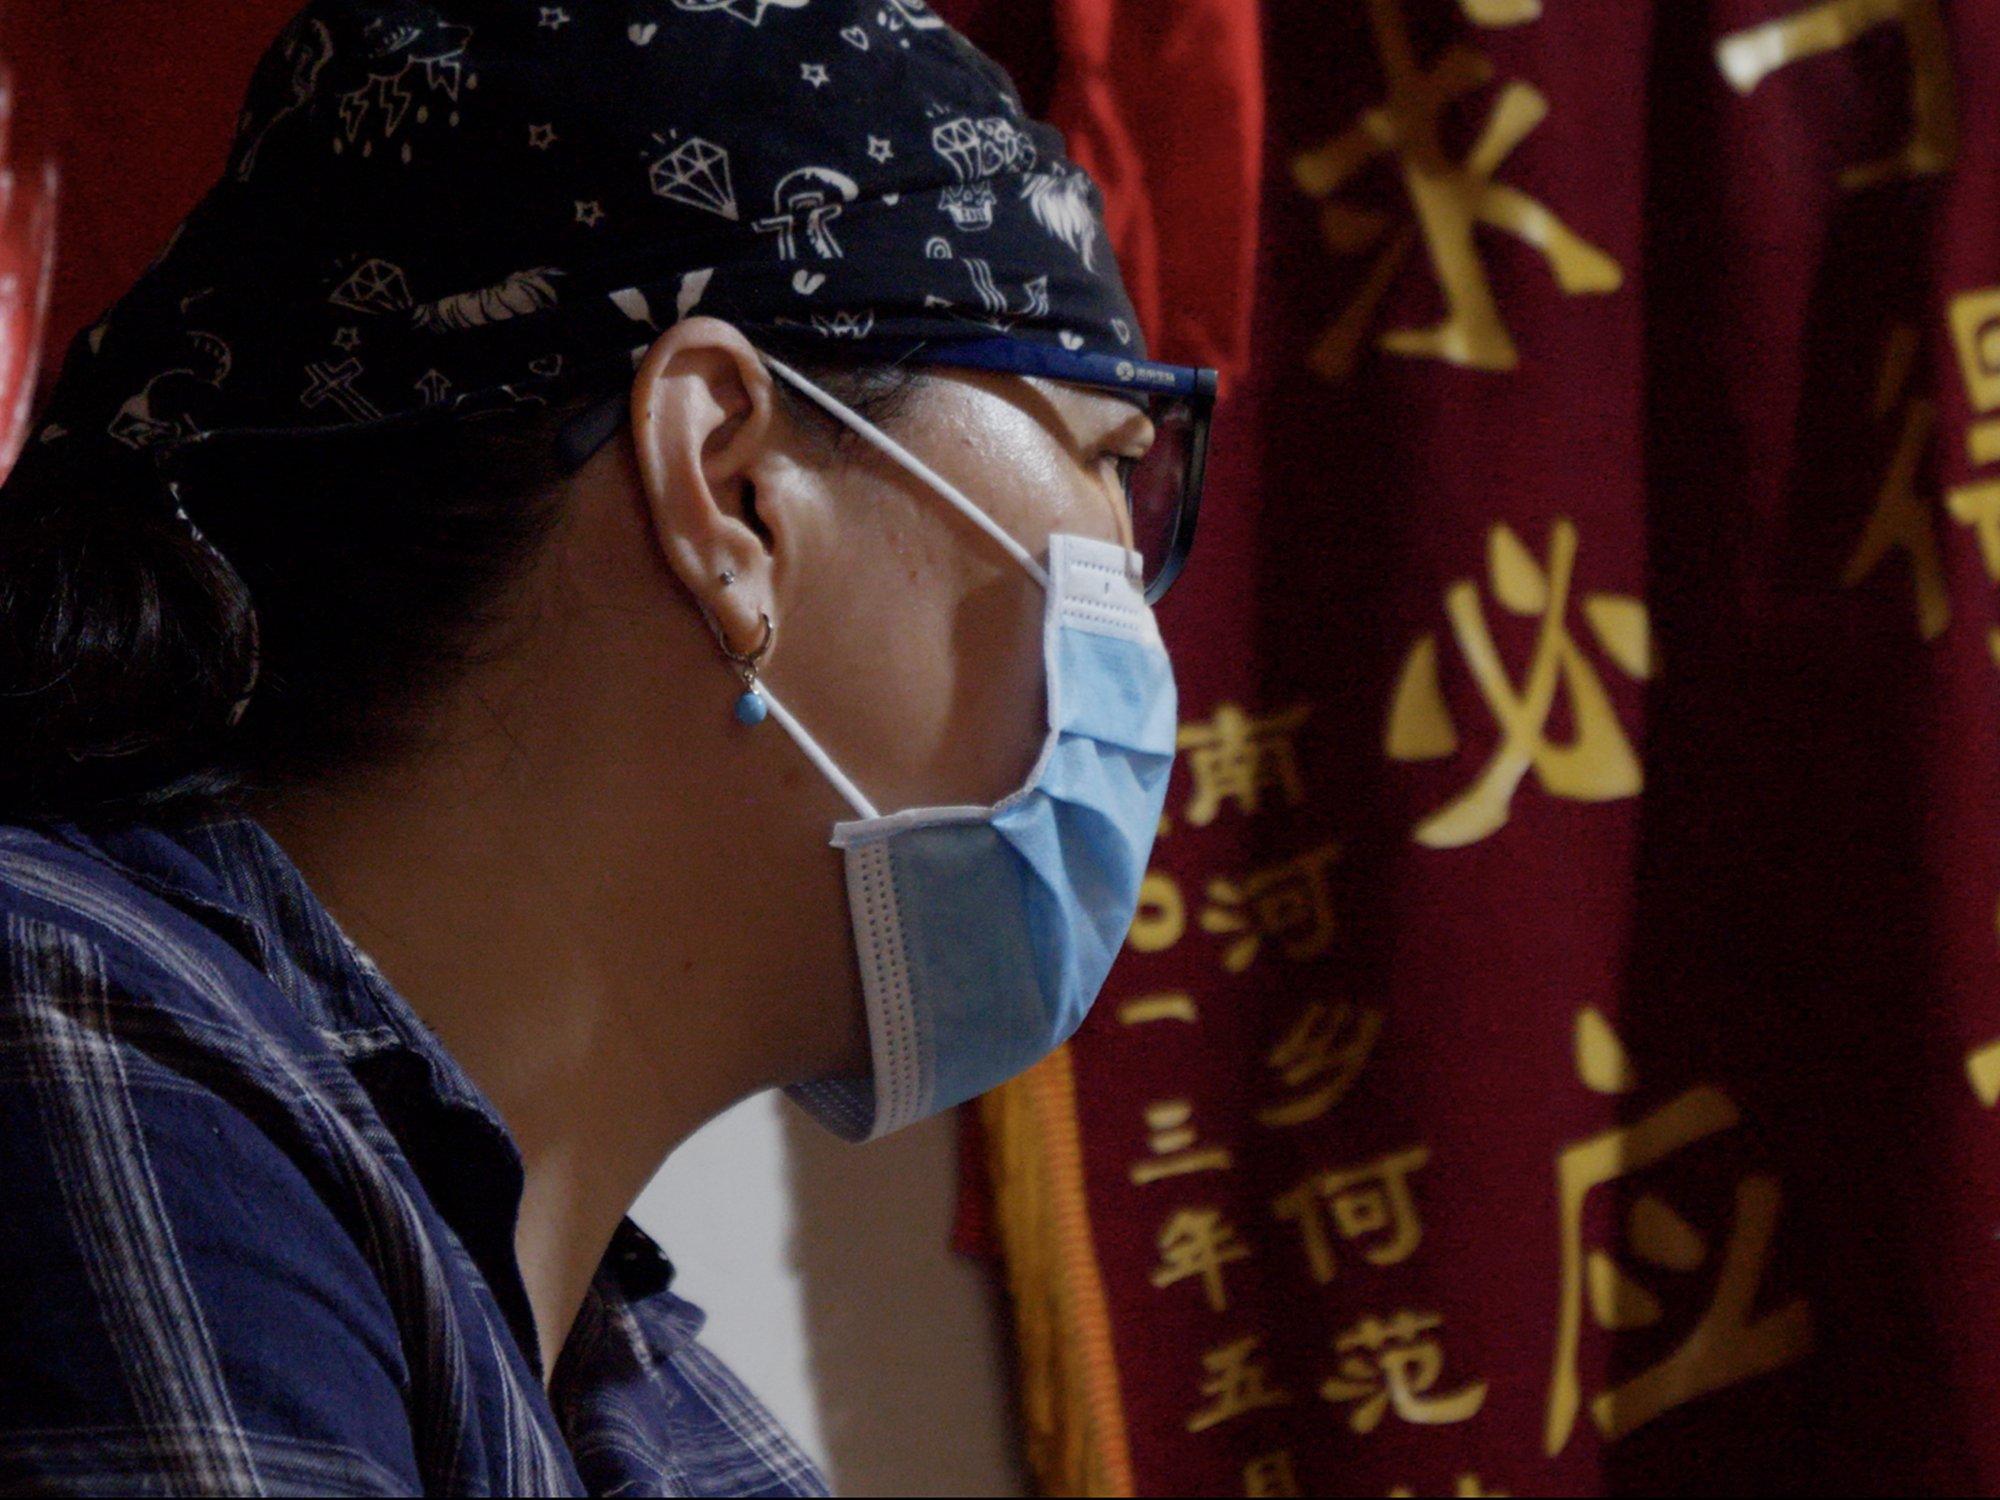 Gospođa Vang kaže da će nastaviti da traži odgovore na pitanja o smrti brata